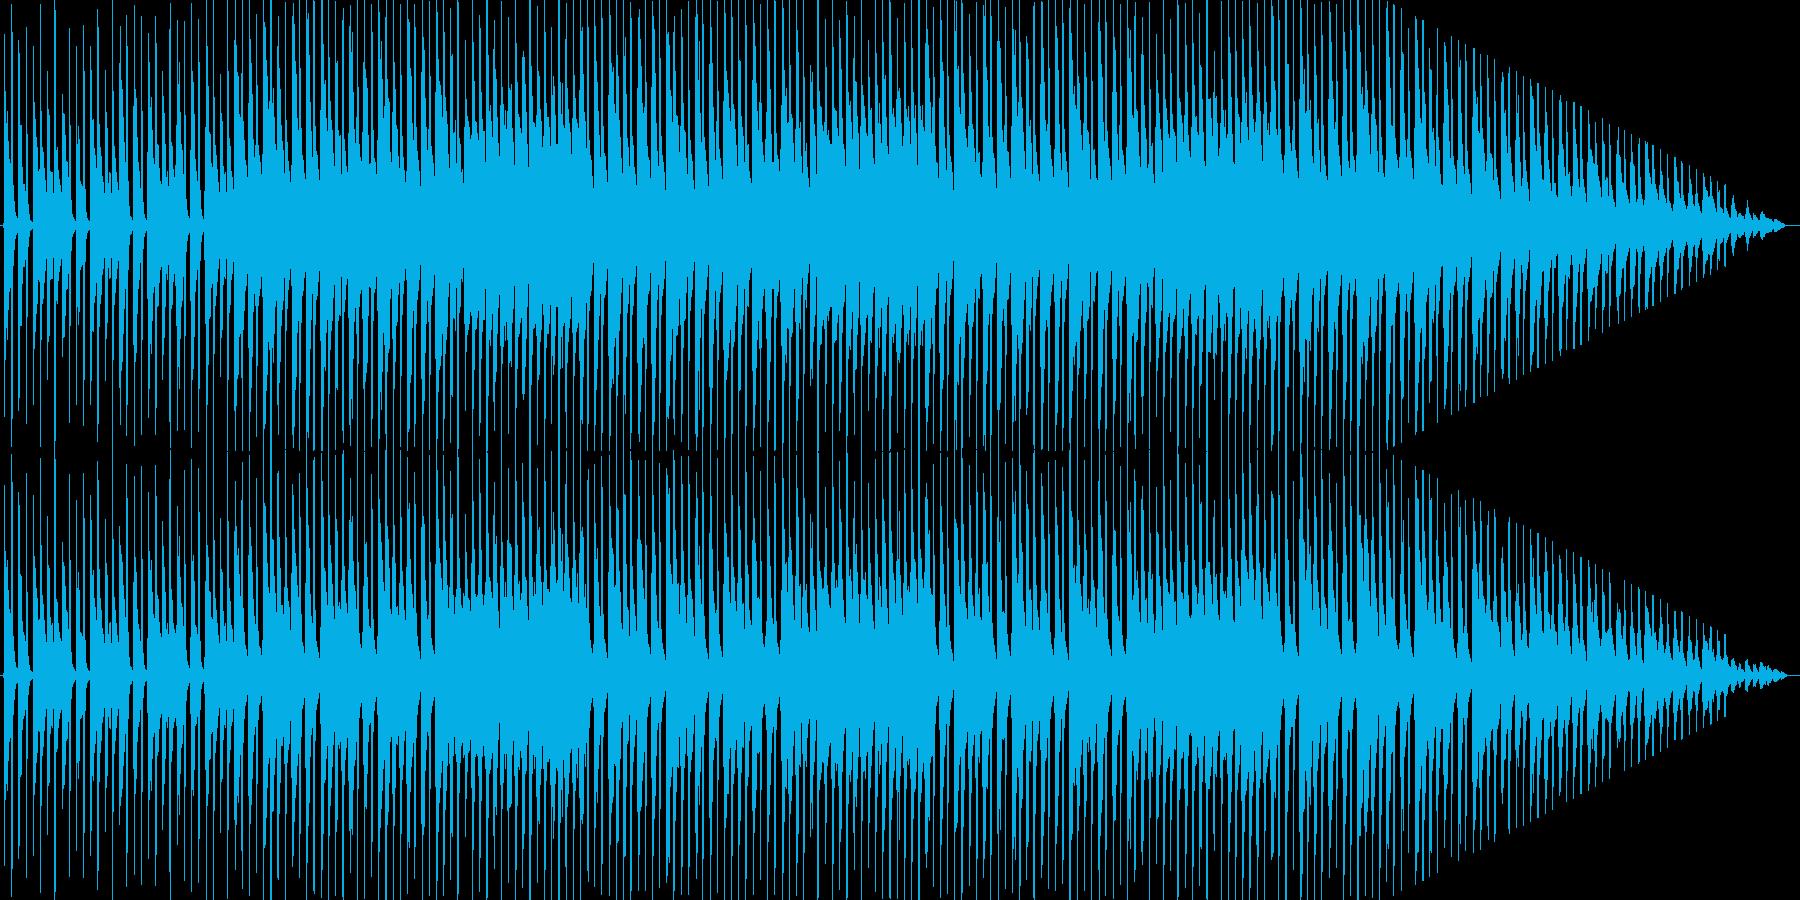 【ハロウィン】可愛くてノリの良いマーチの再生済みの波形